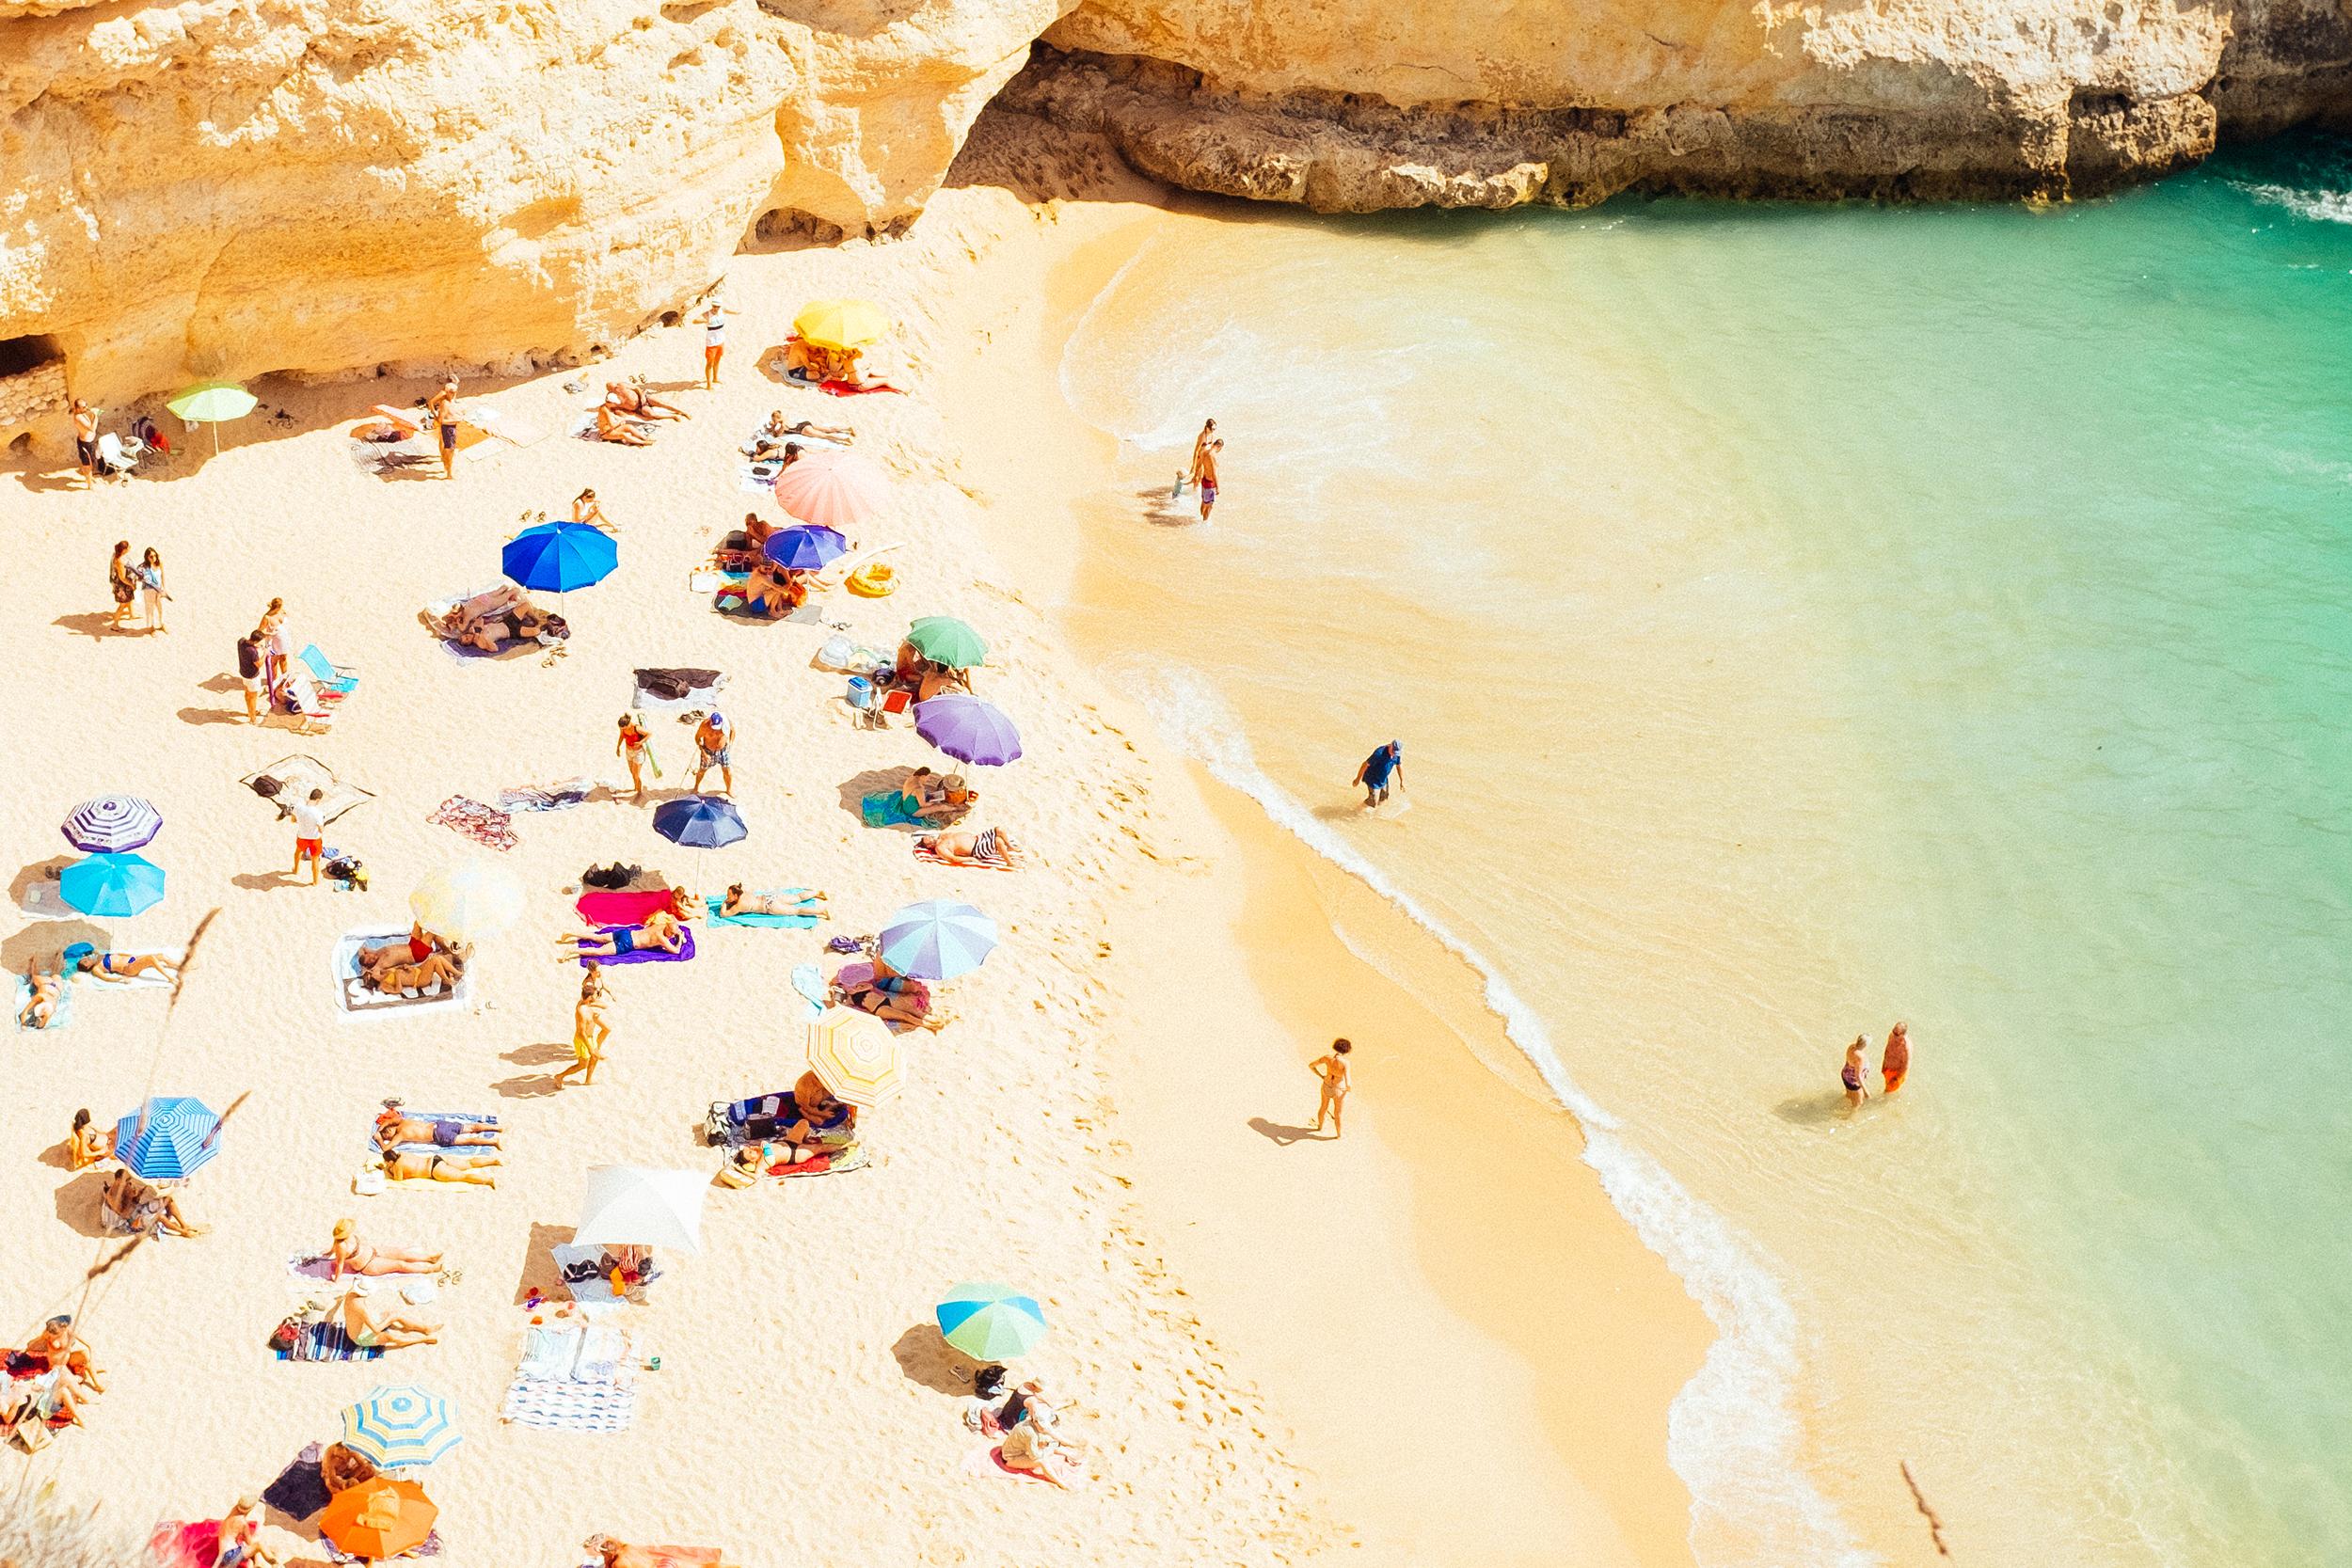 Beach Day, Algarve, Portugal